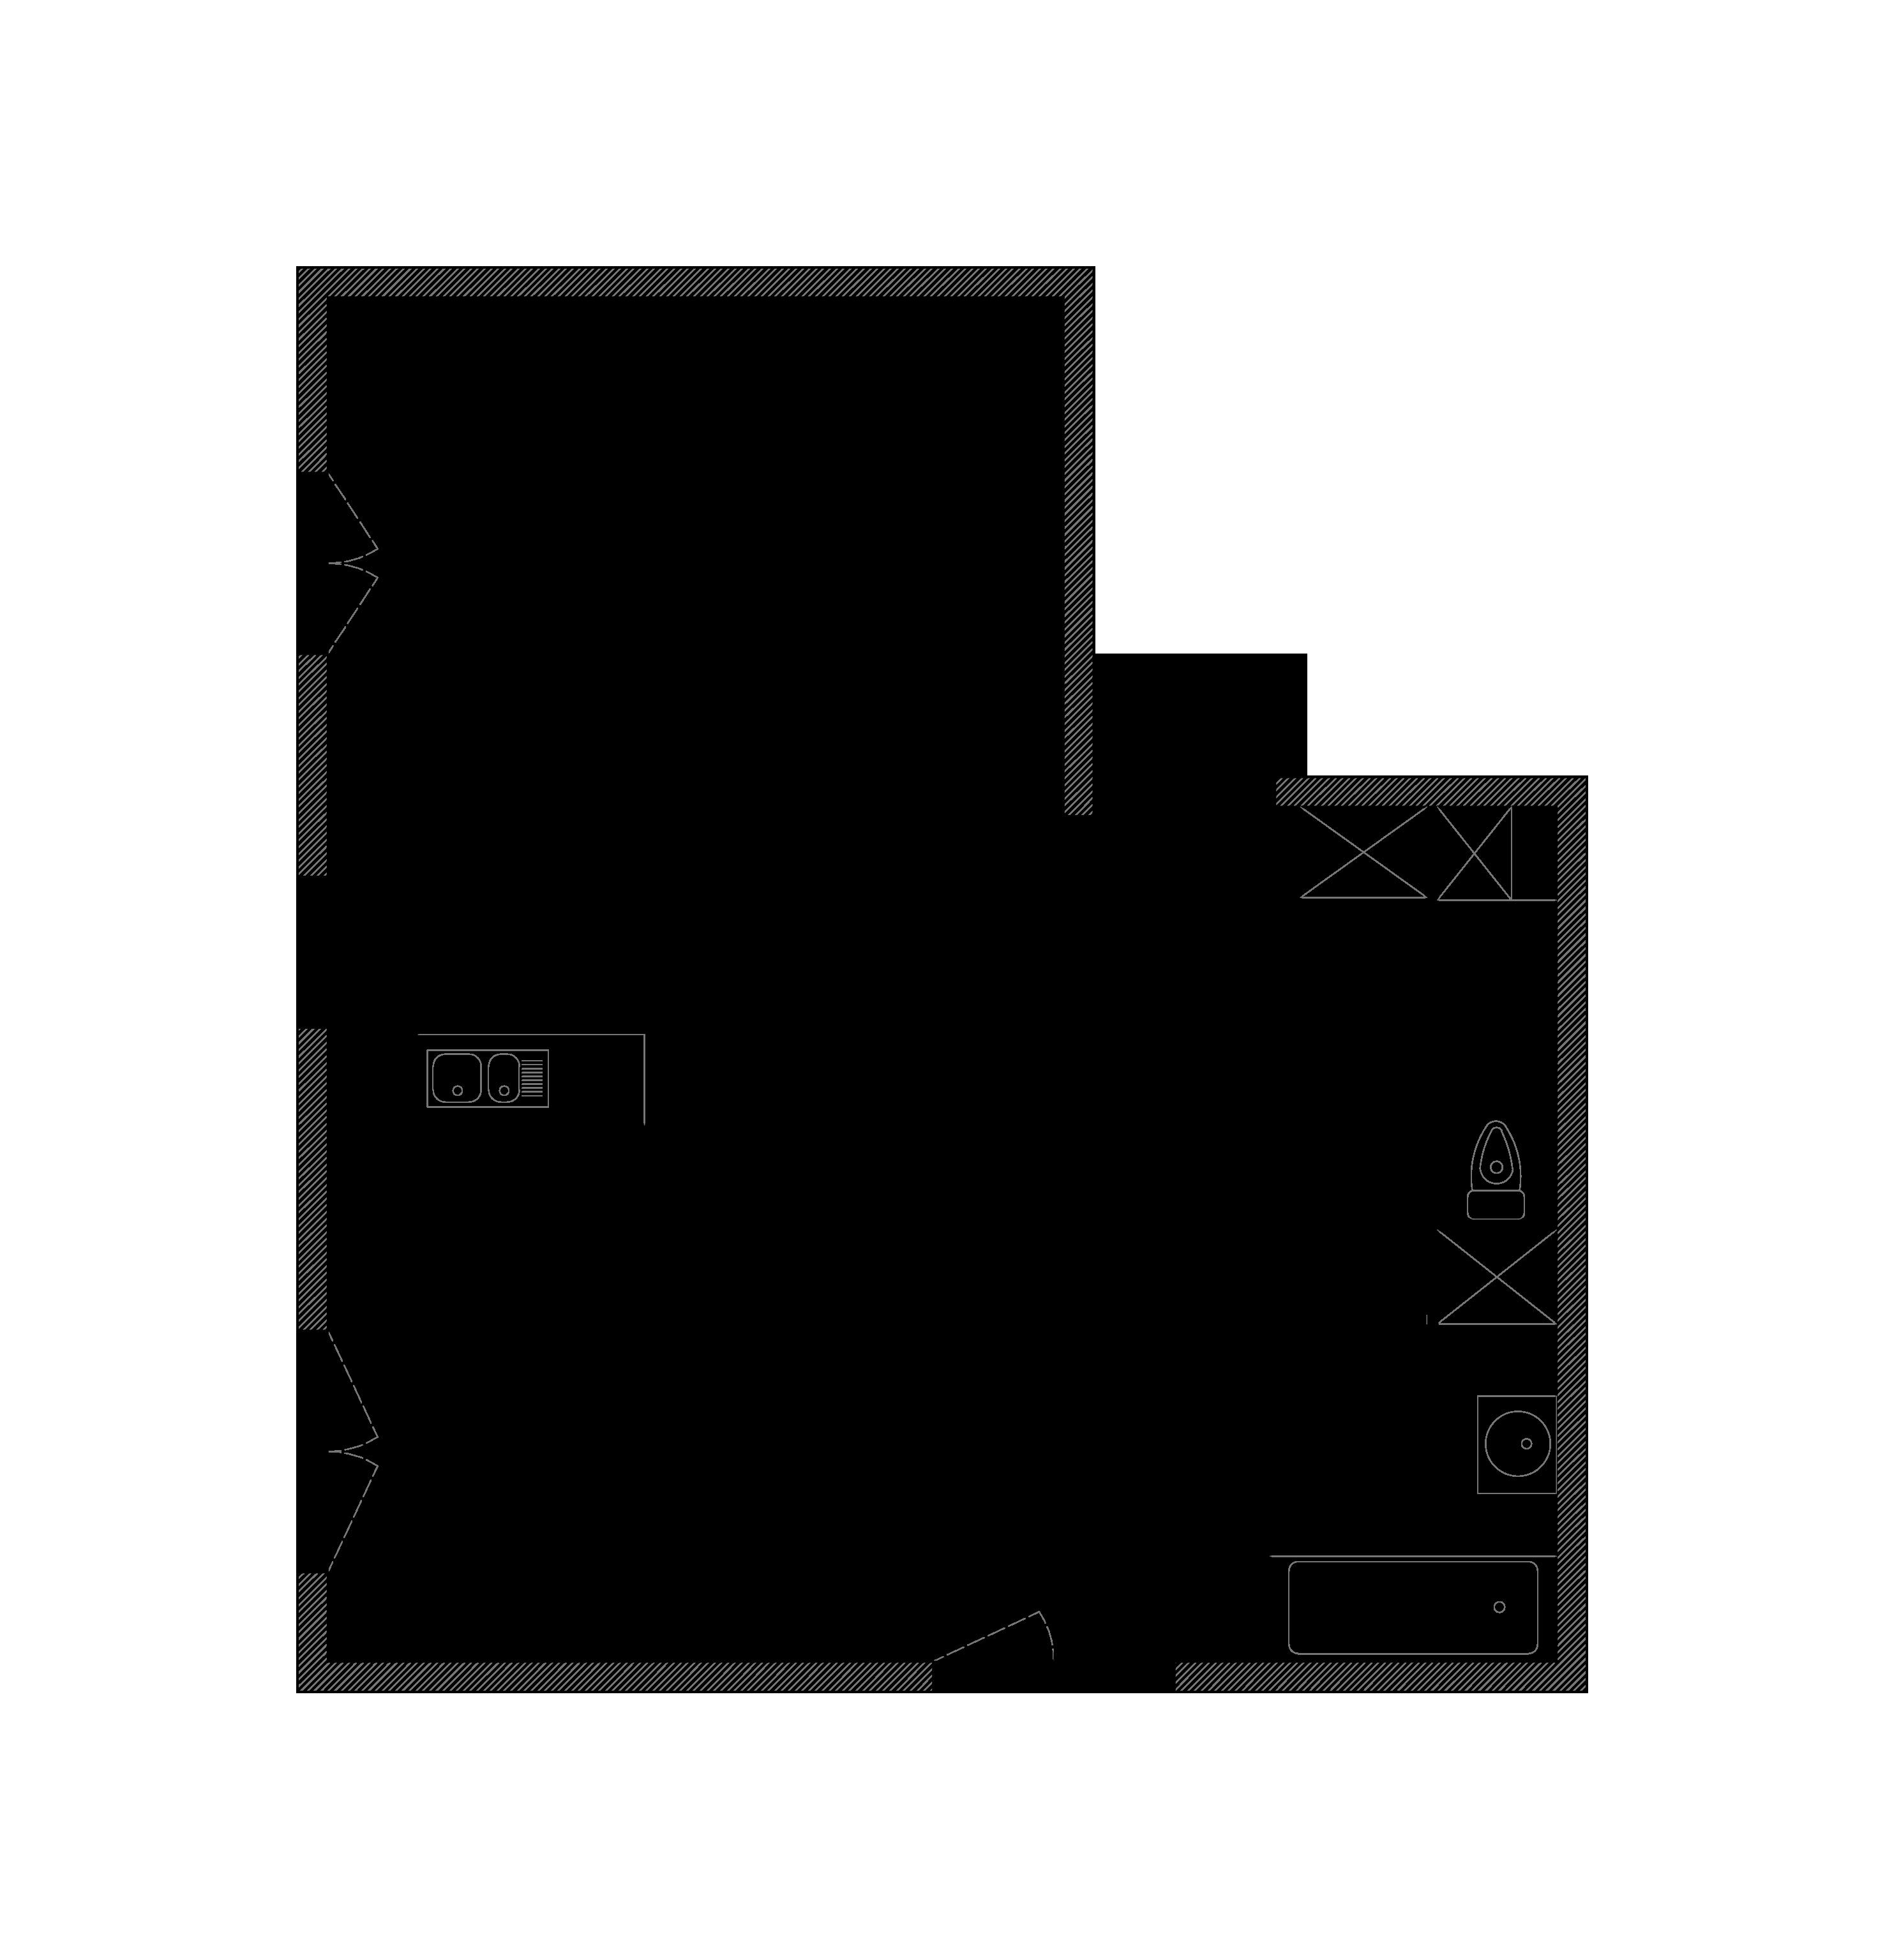 plan 2 Berthollet